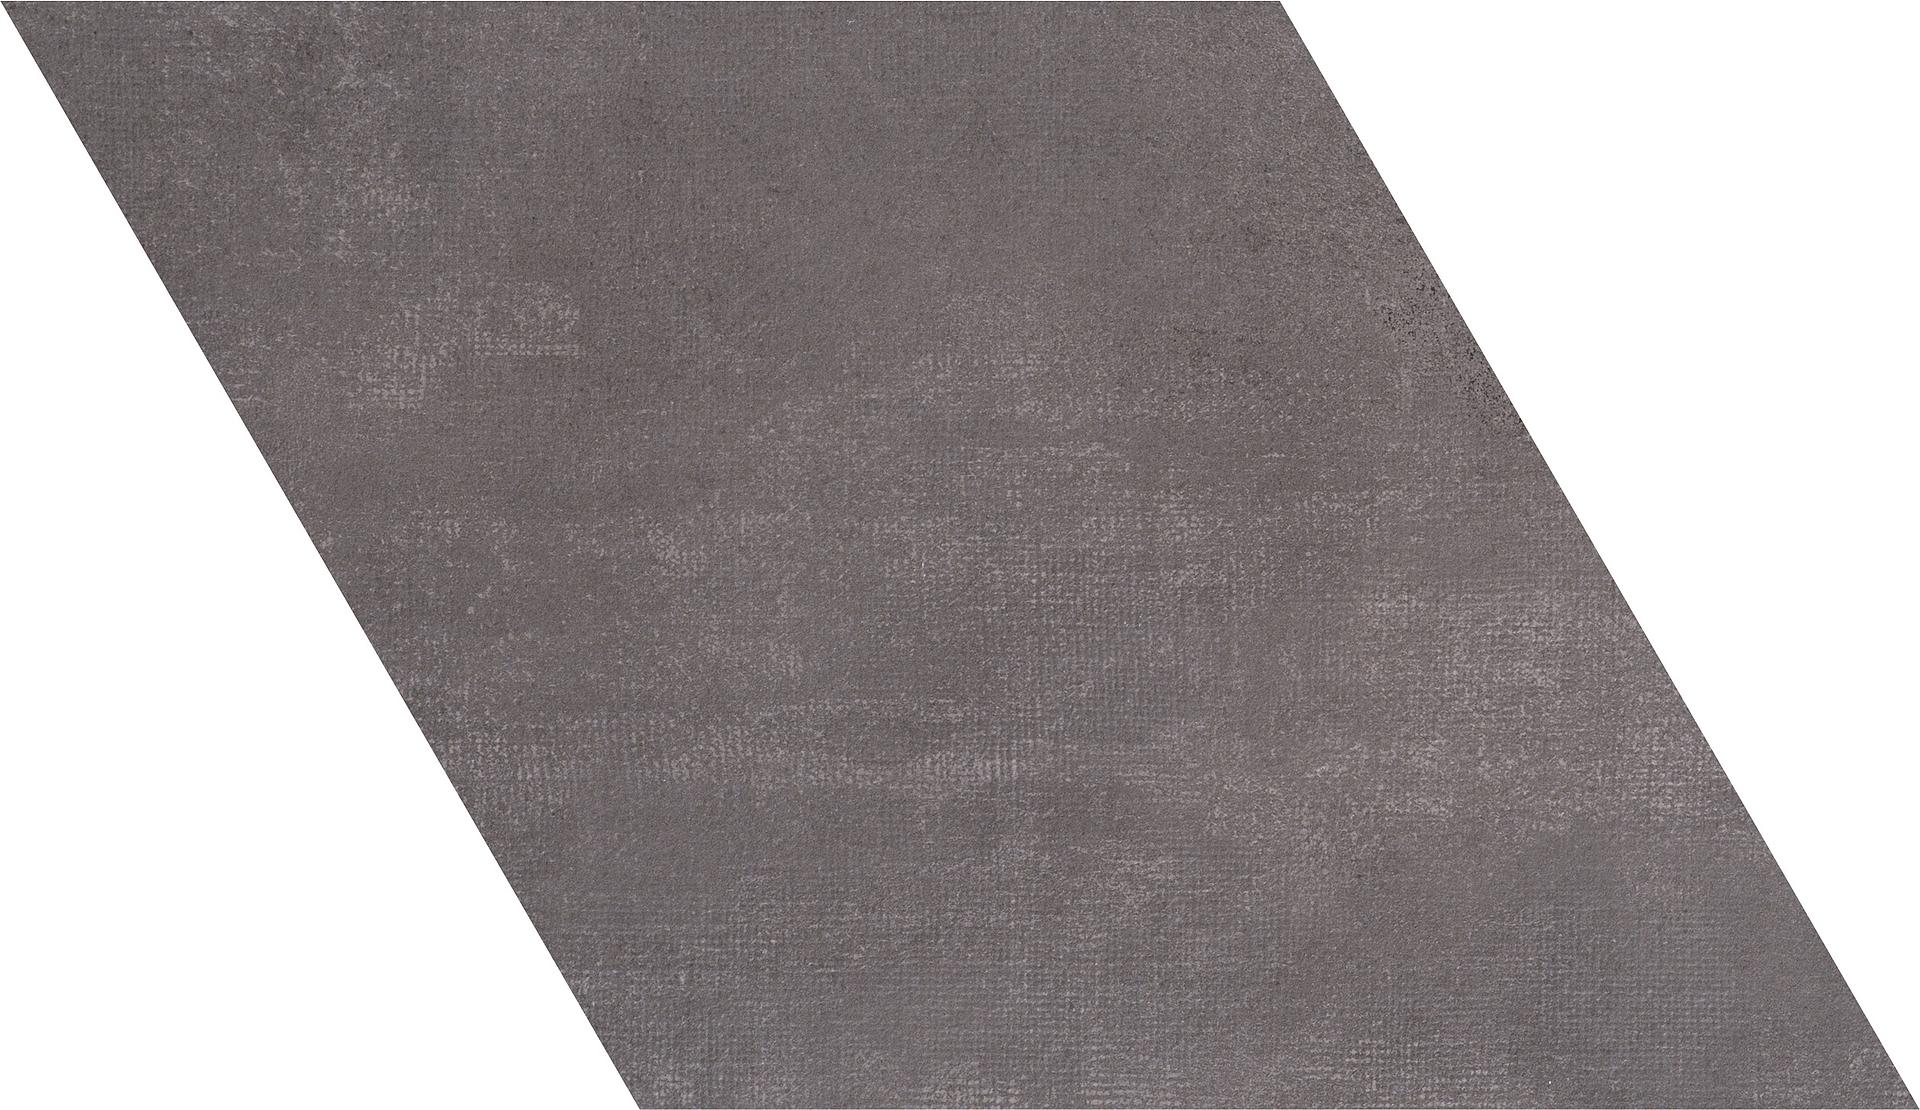 Raute Fliesen • 10 Ergebnisse gefunden • Tile Expert – Versand der